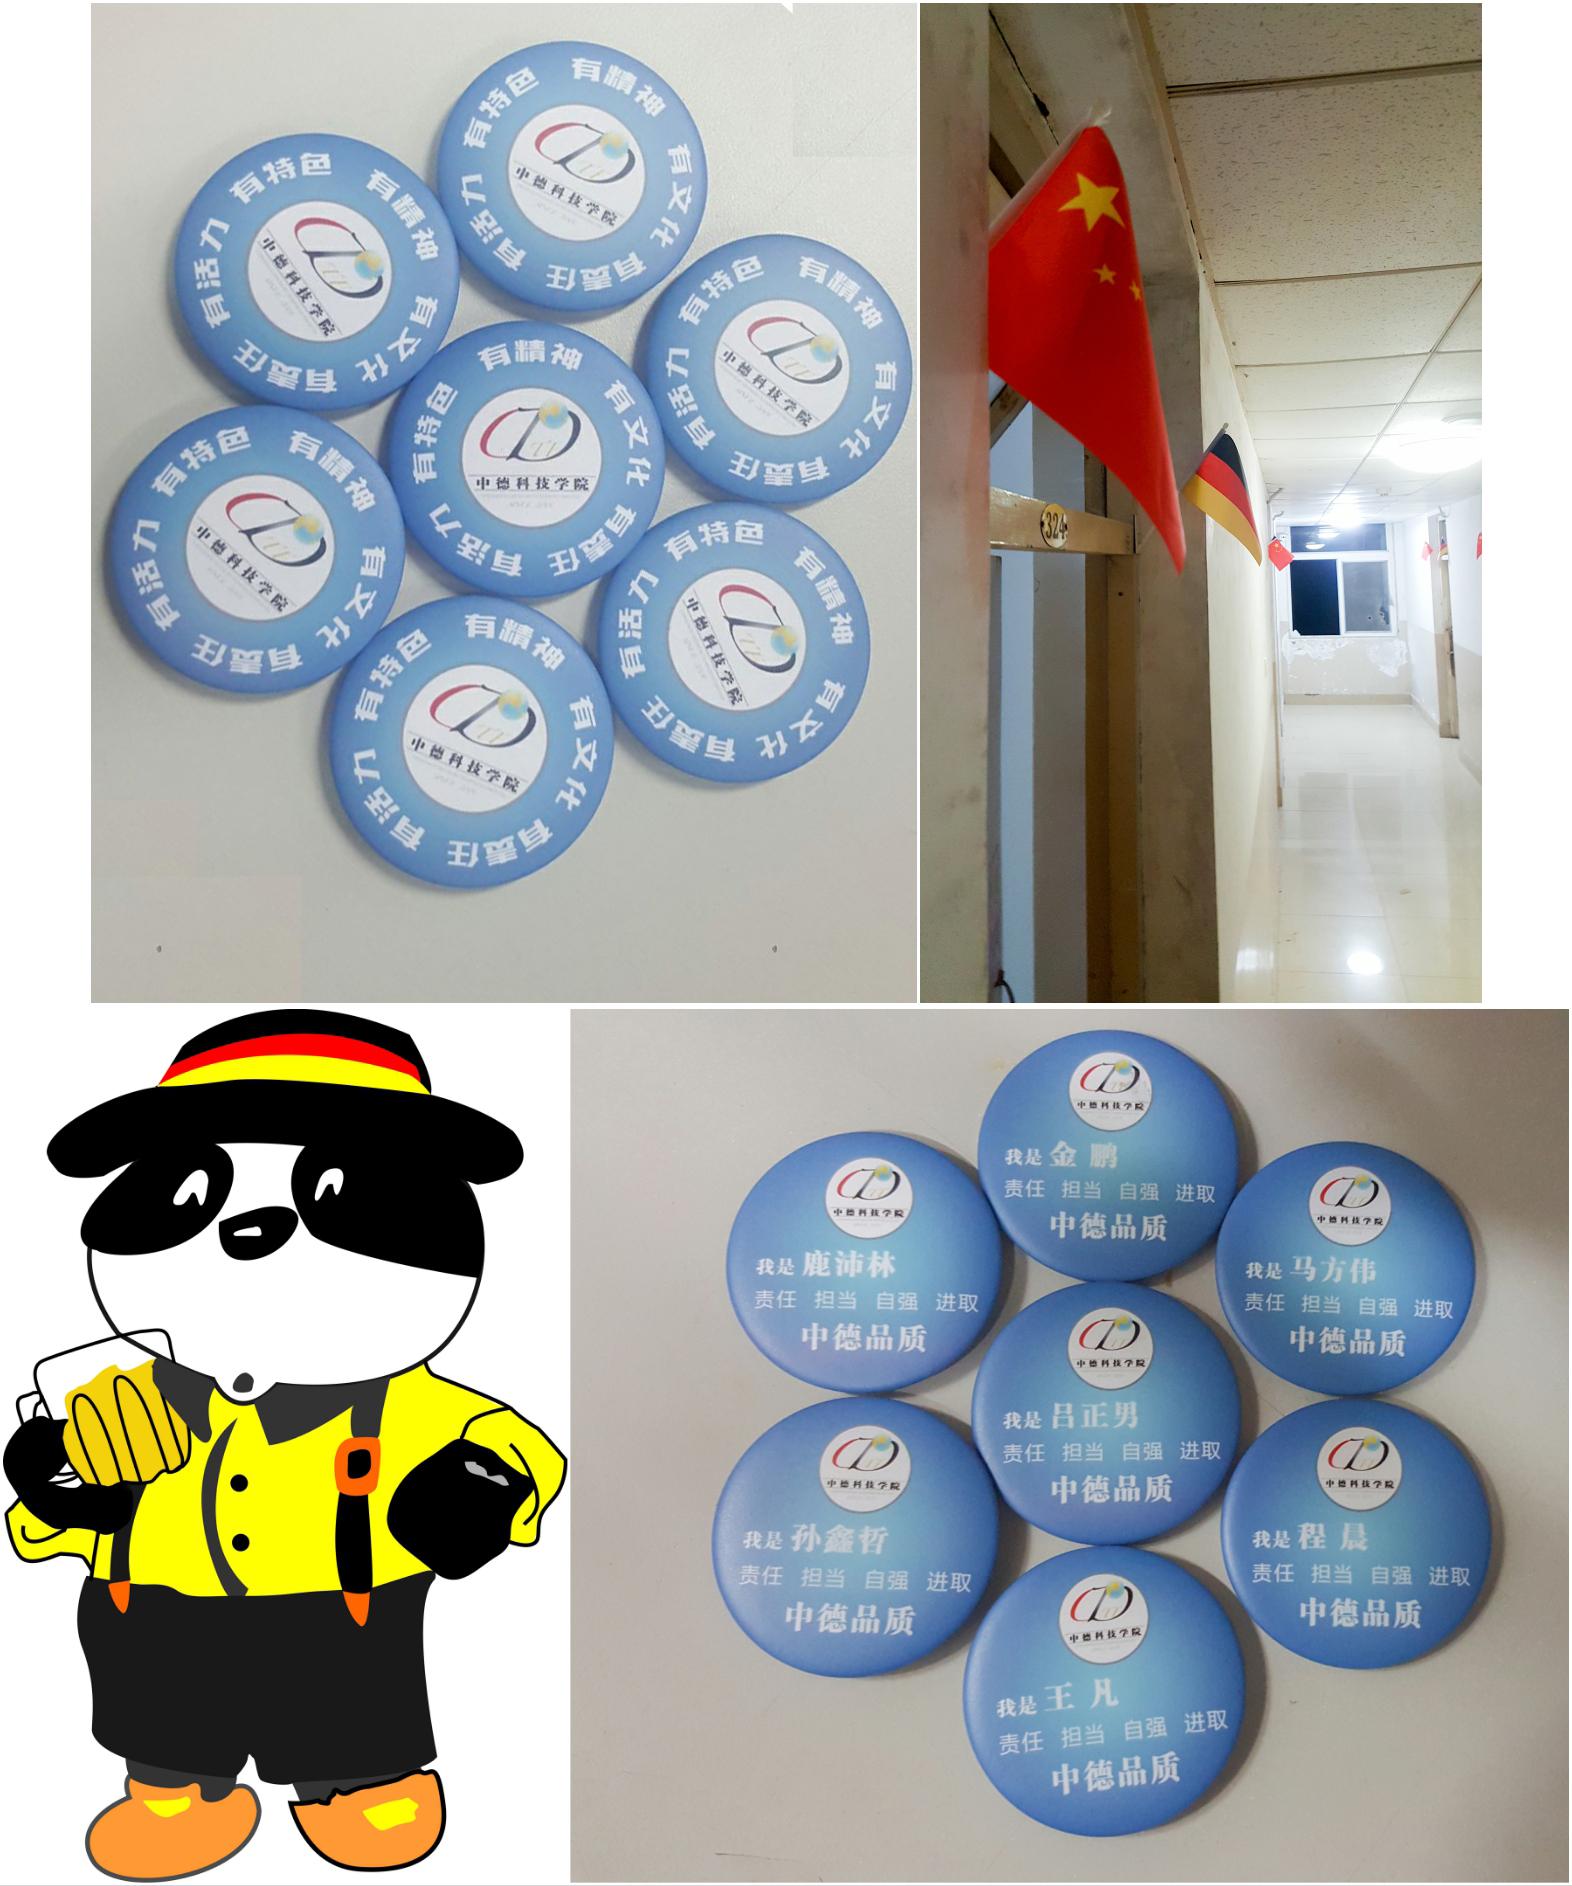 学院在宿舍区域内每一个新生宿舍都插上了中德两国国旗,让学生感受到